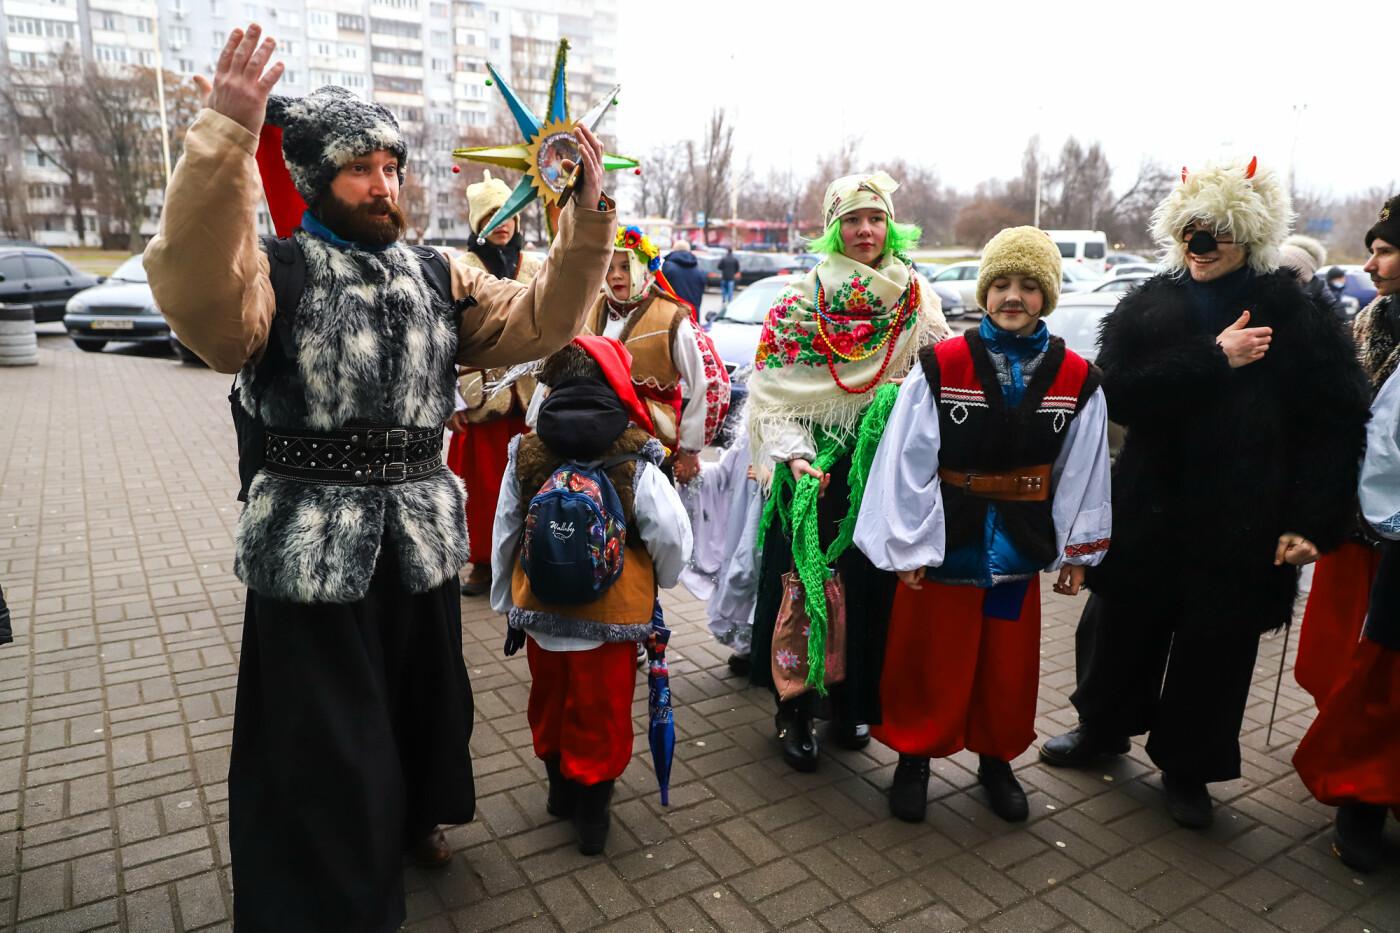 Нечистая сила против казаков: на улицах Запорожья показывали Рождественский вертеп, - ФОТО, ВИДЕО  , фото-5